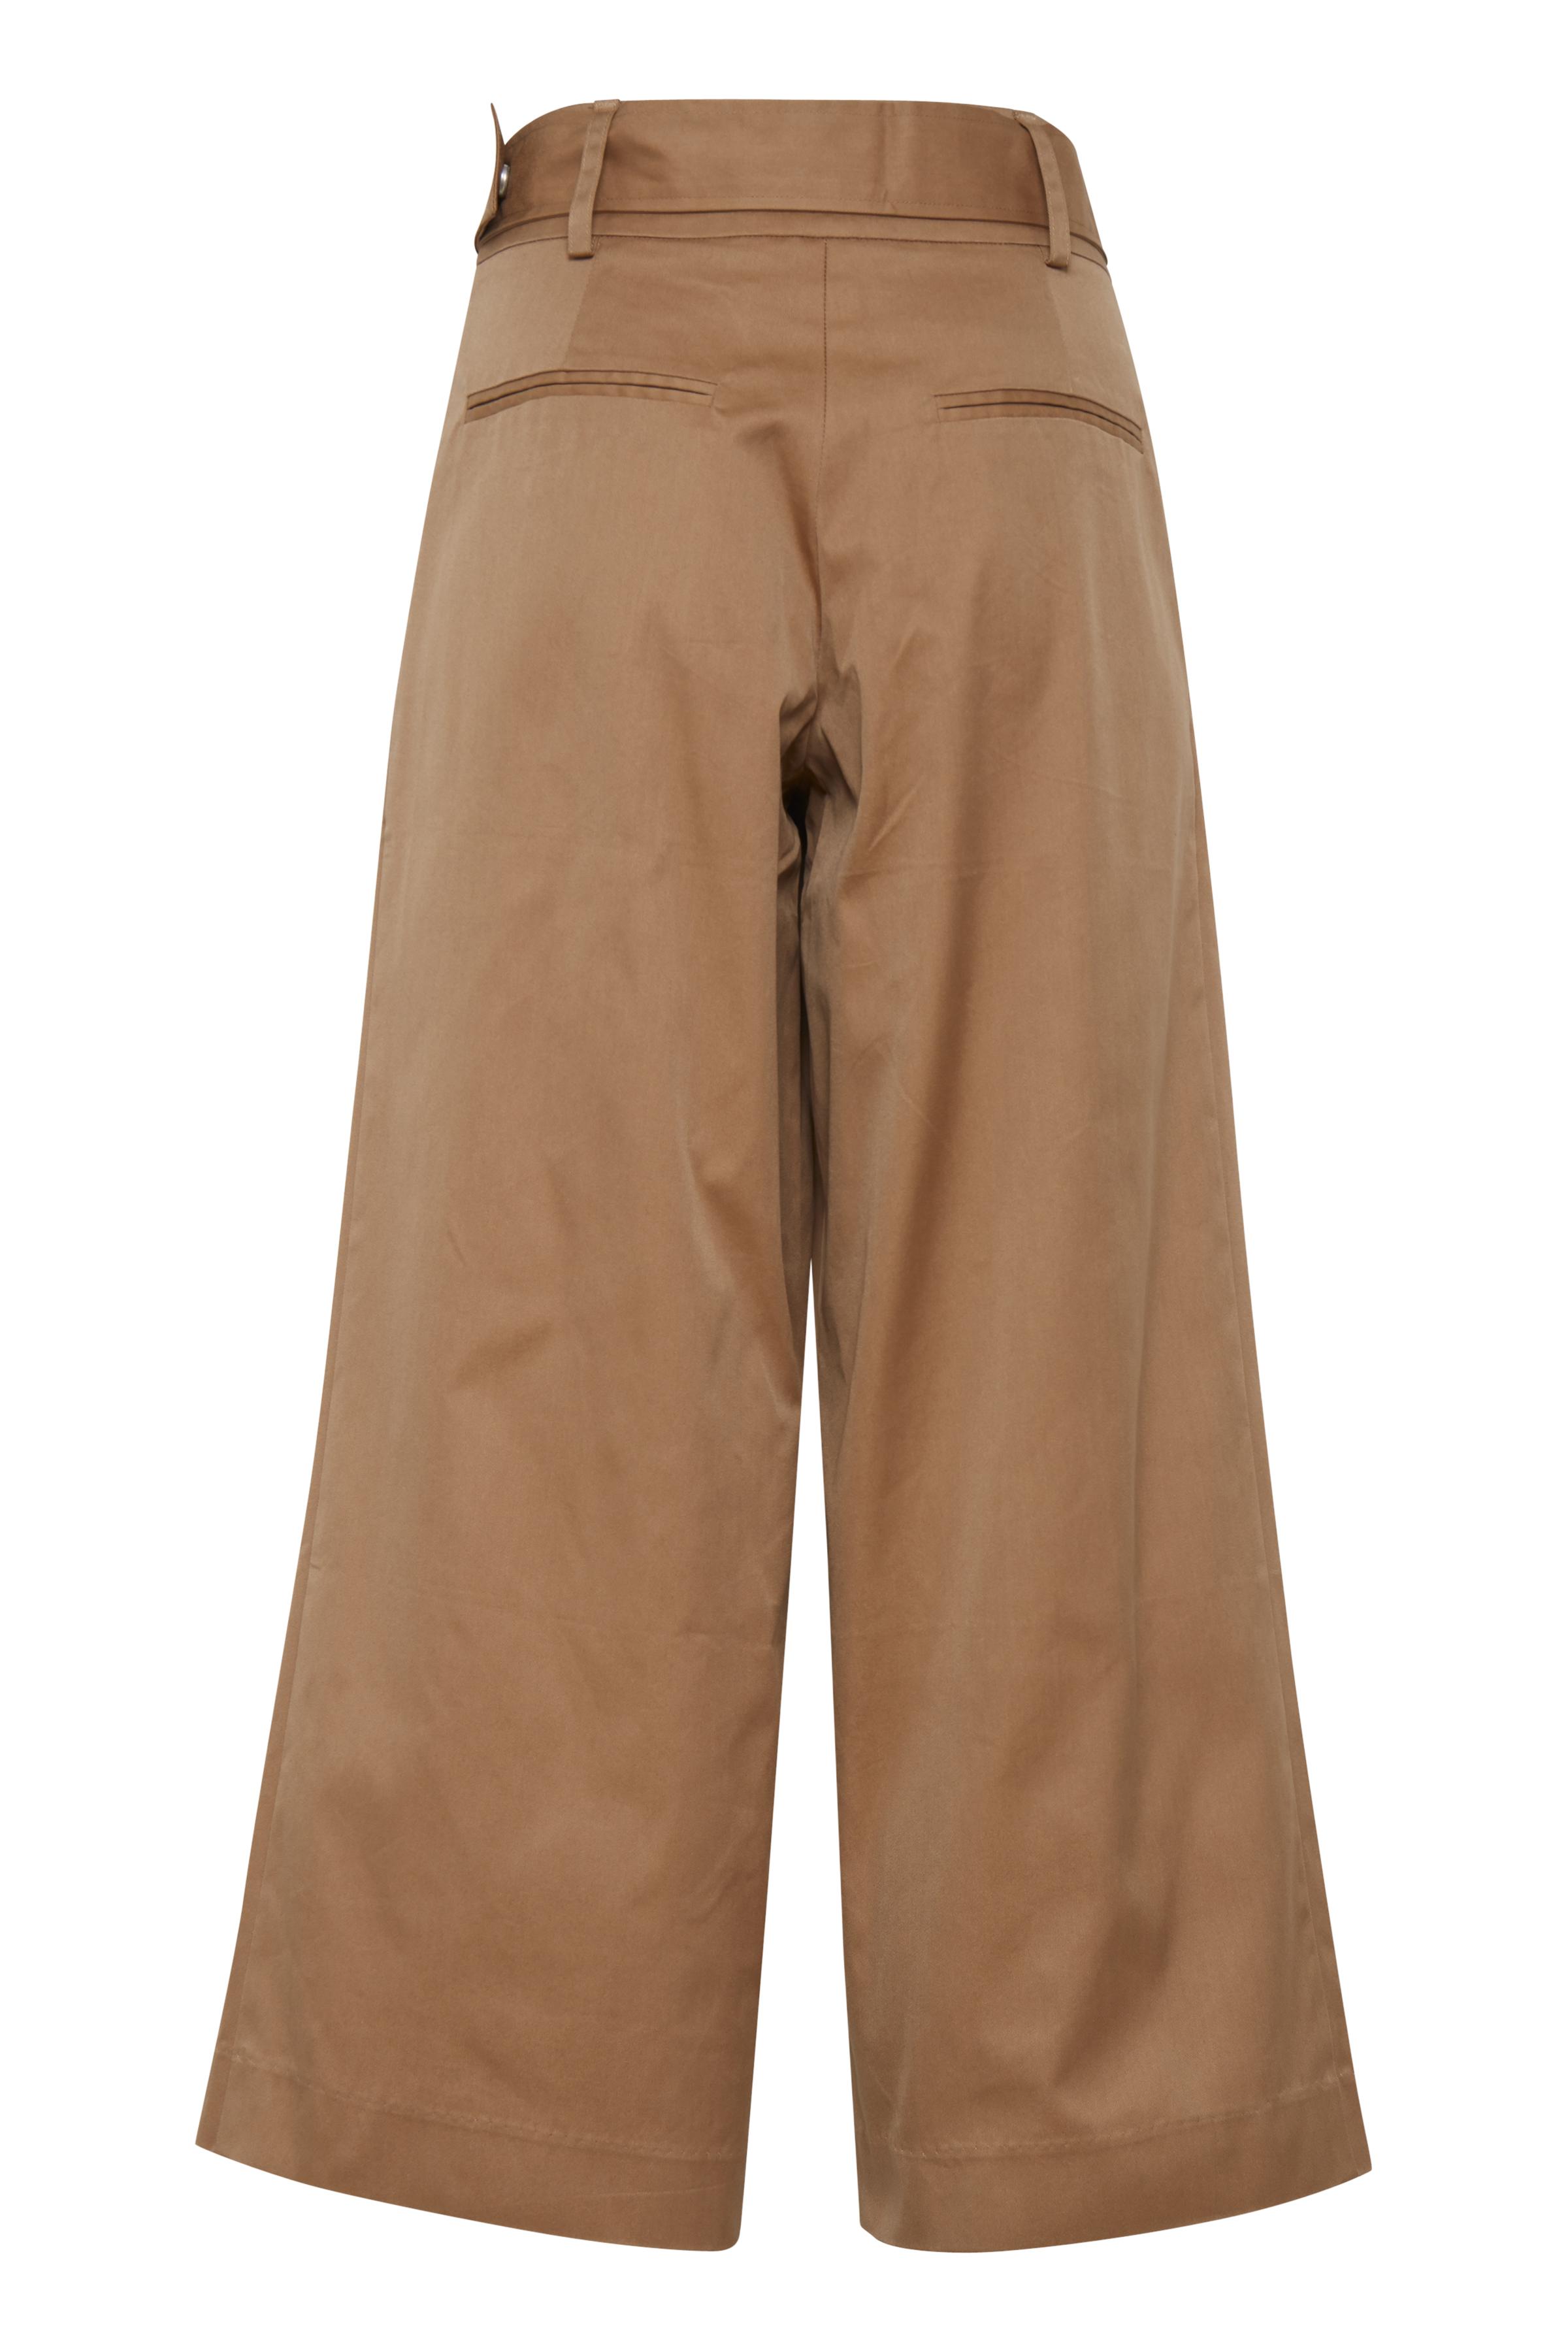 Thrush Pants Casual fra Ichi – Køb Thrush Pants Casual fra str. 34-42 her